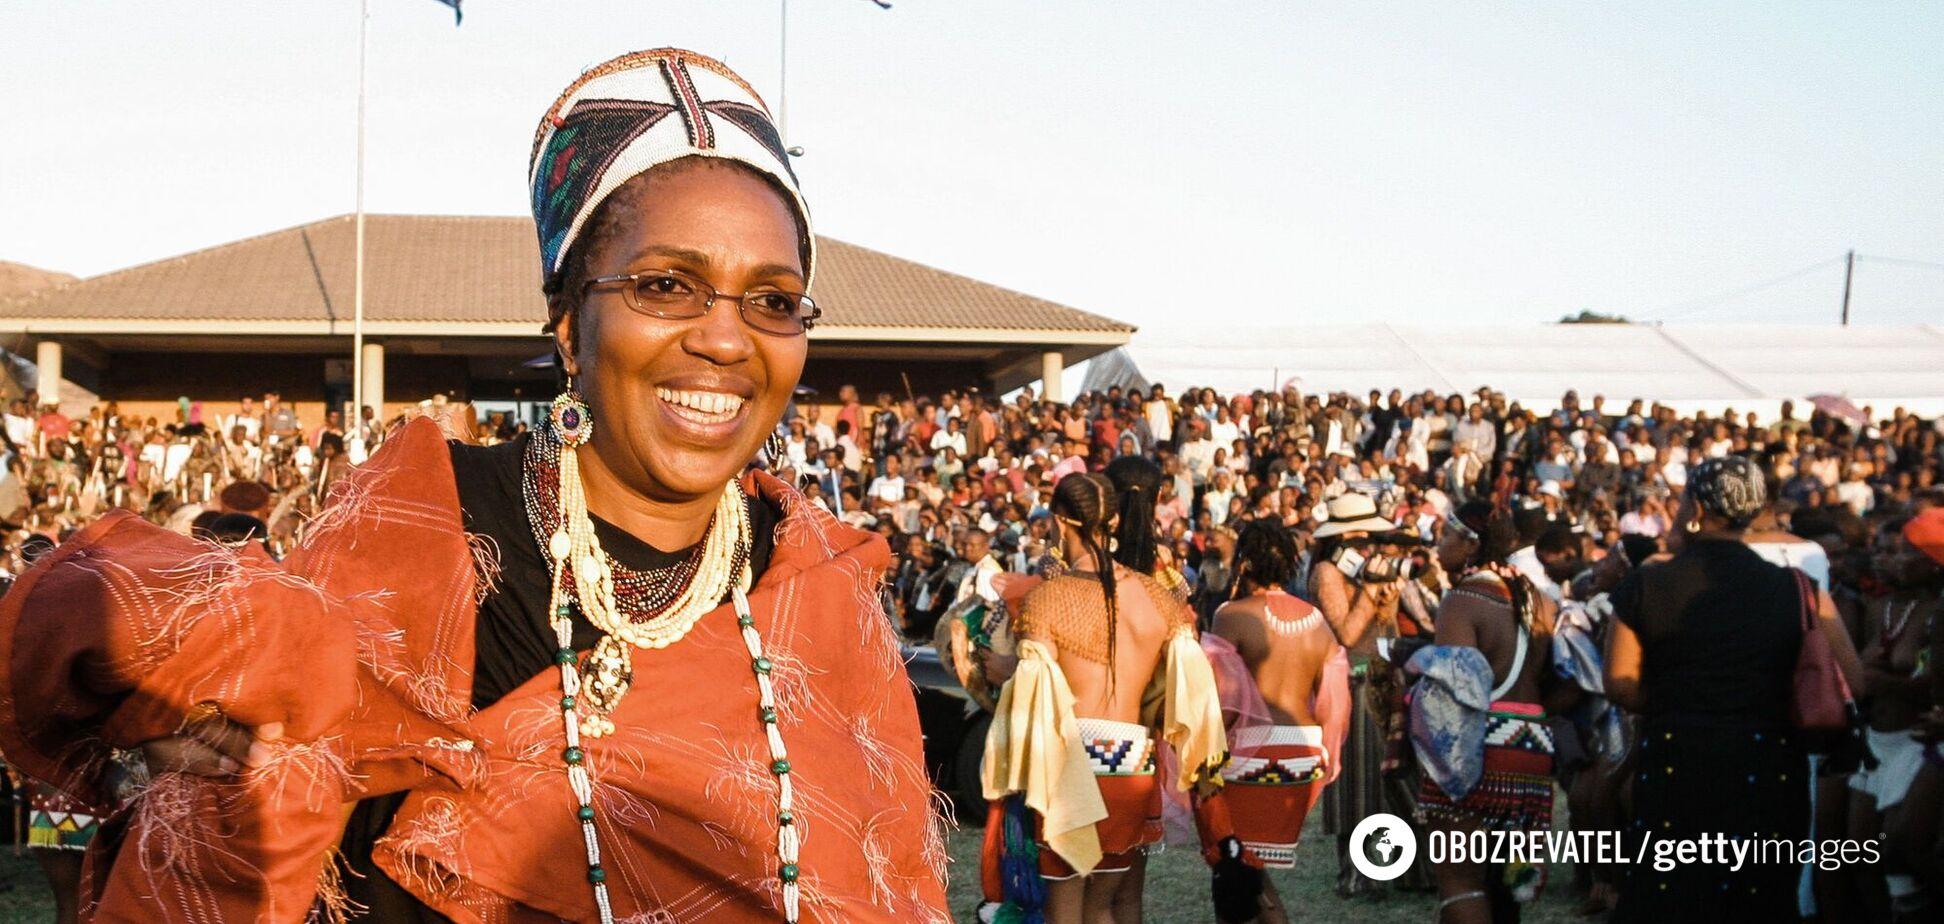 В Африке скоропостижно умерла новая королева: подозревают отравление